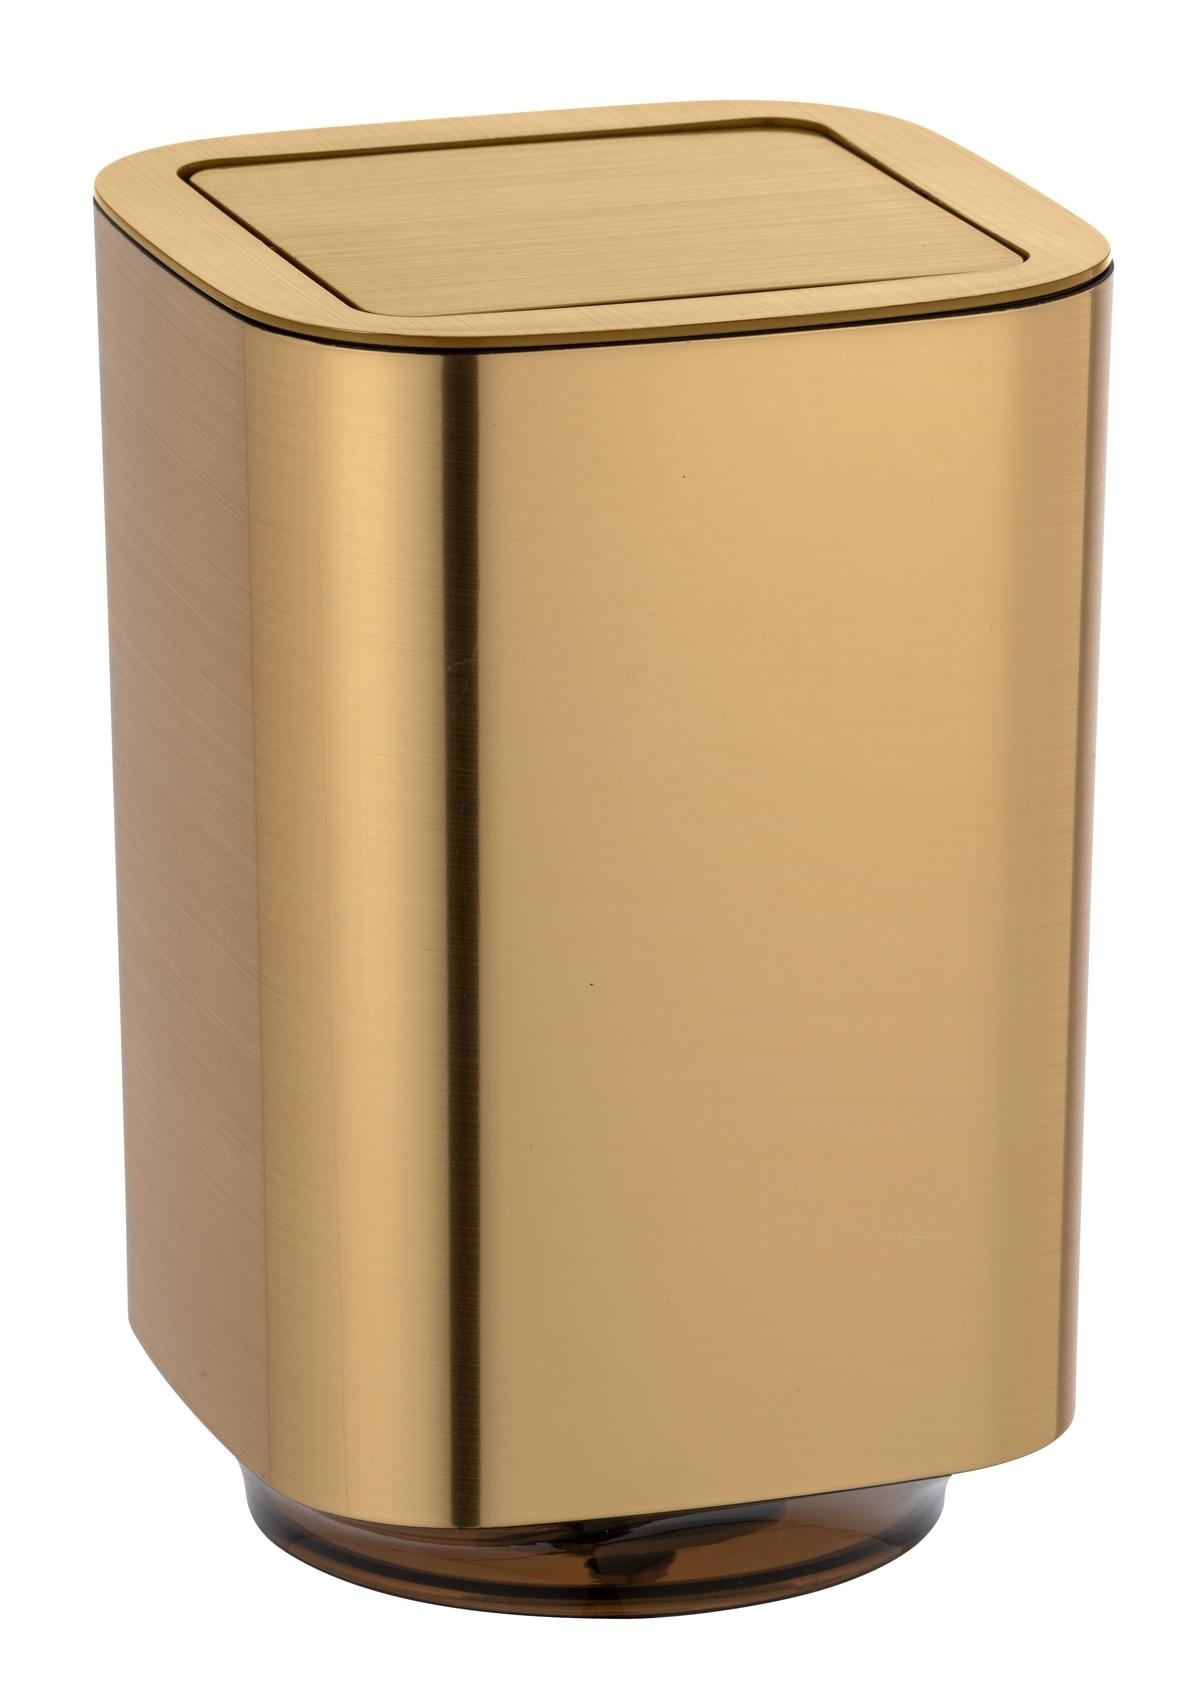 Cos de gunoi pentru baie, din plastic, Auron Auriu, 5,5L, L17,2xl17,2xH25,5 cm imagine